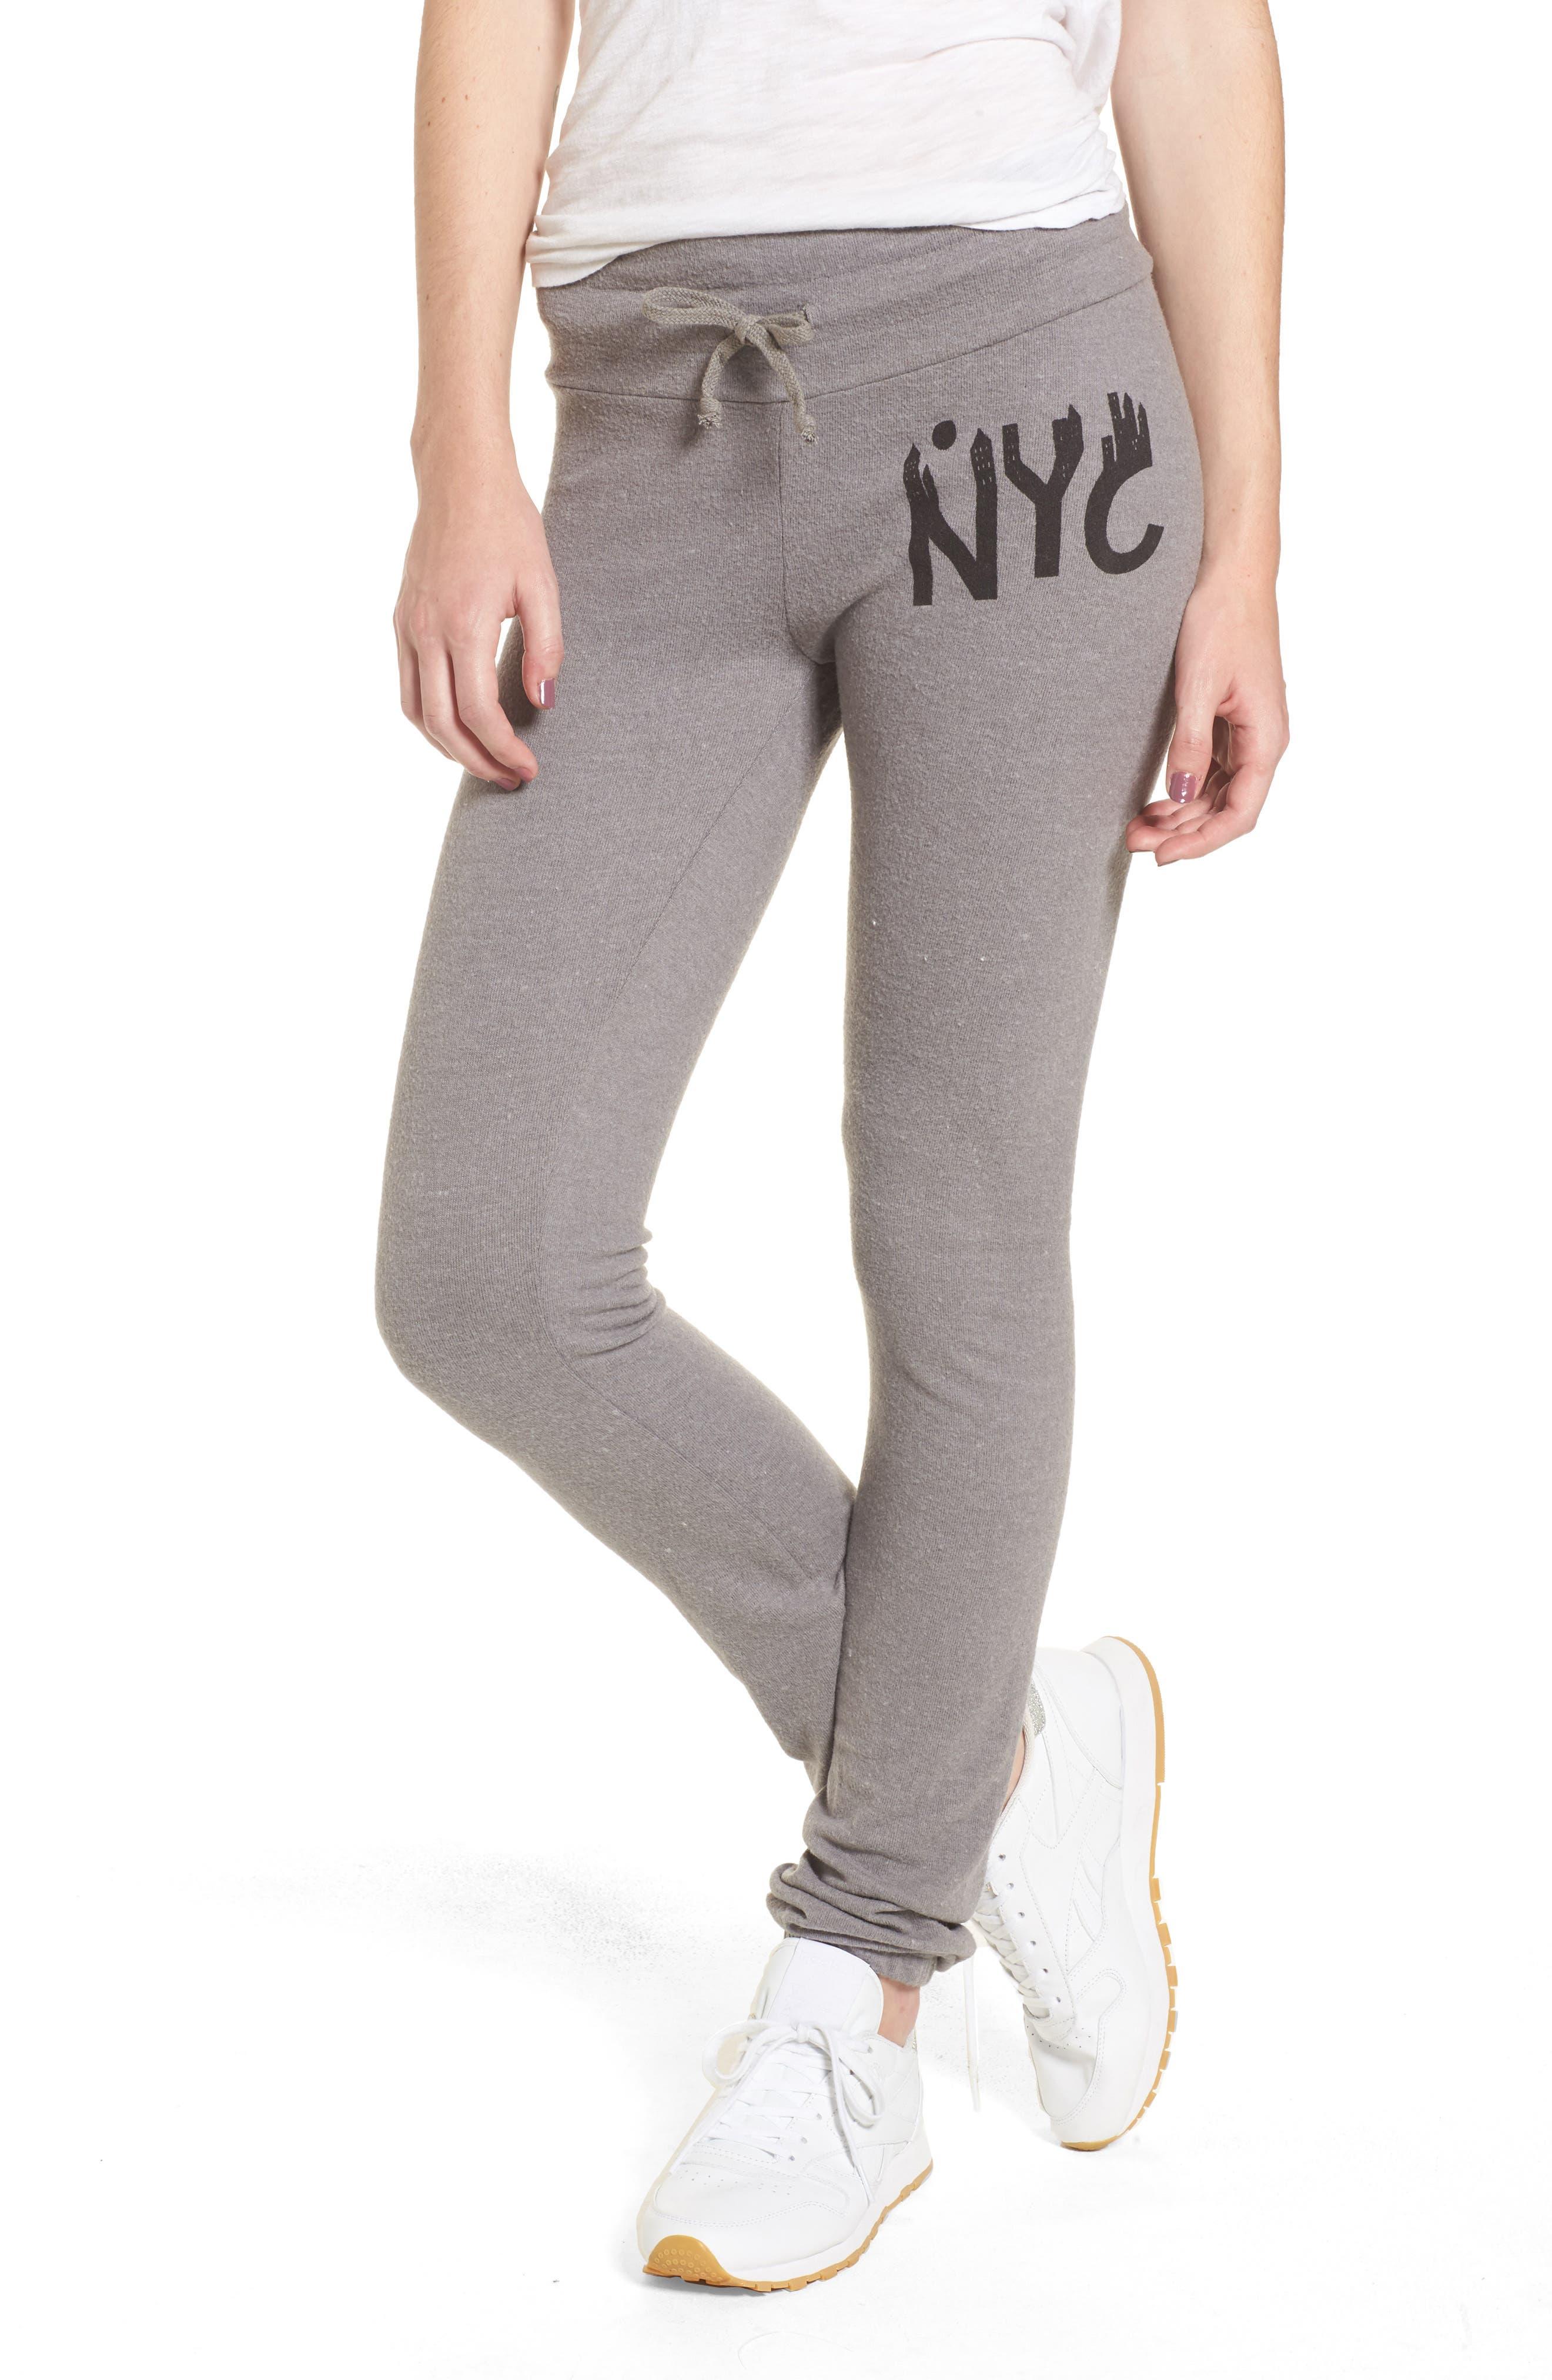 NYC Sweatpants,                         Main,                         color, Vintage Grey